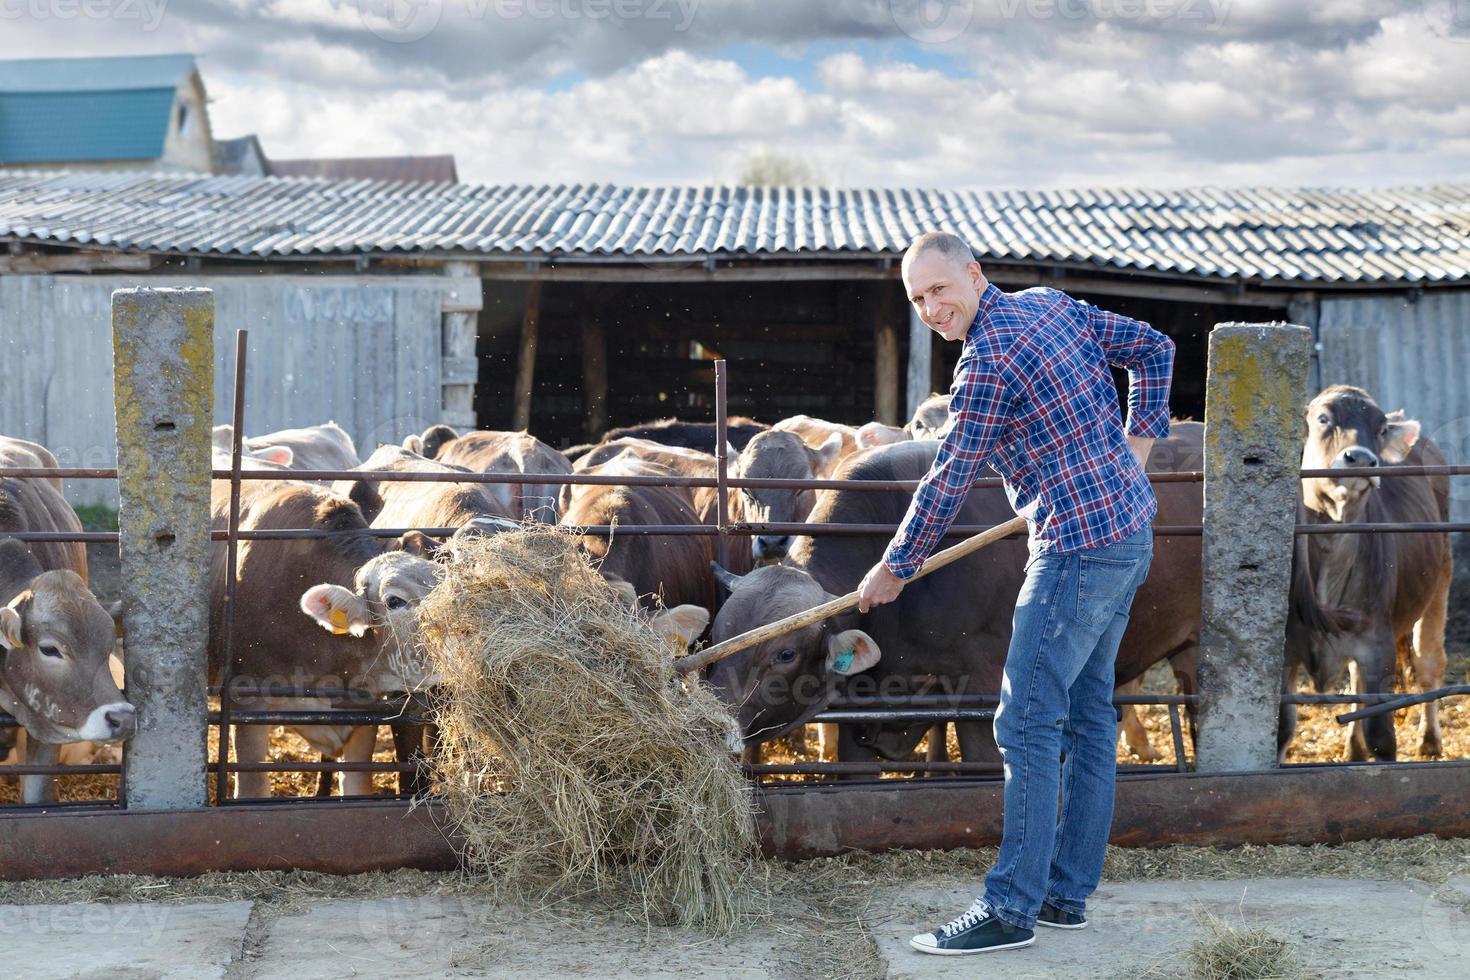 éleveur mâle dans une ferme photo